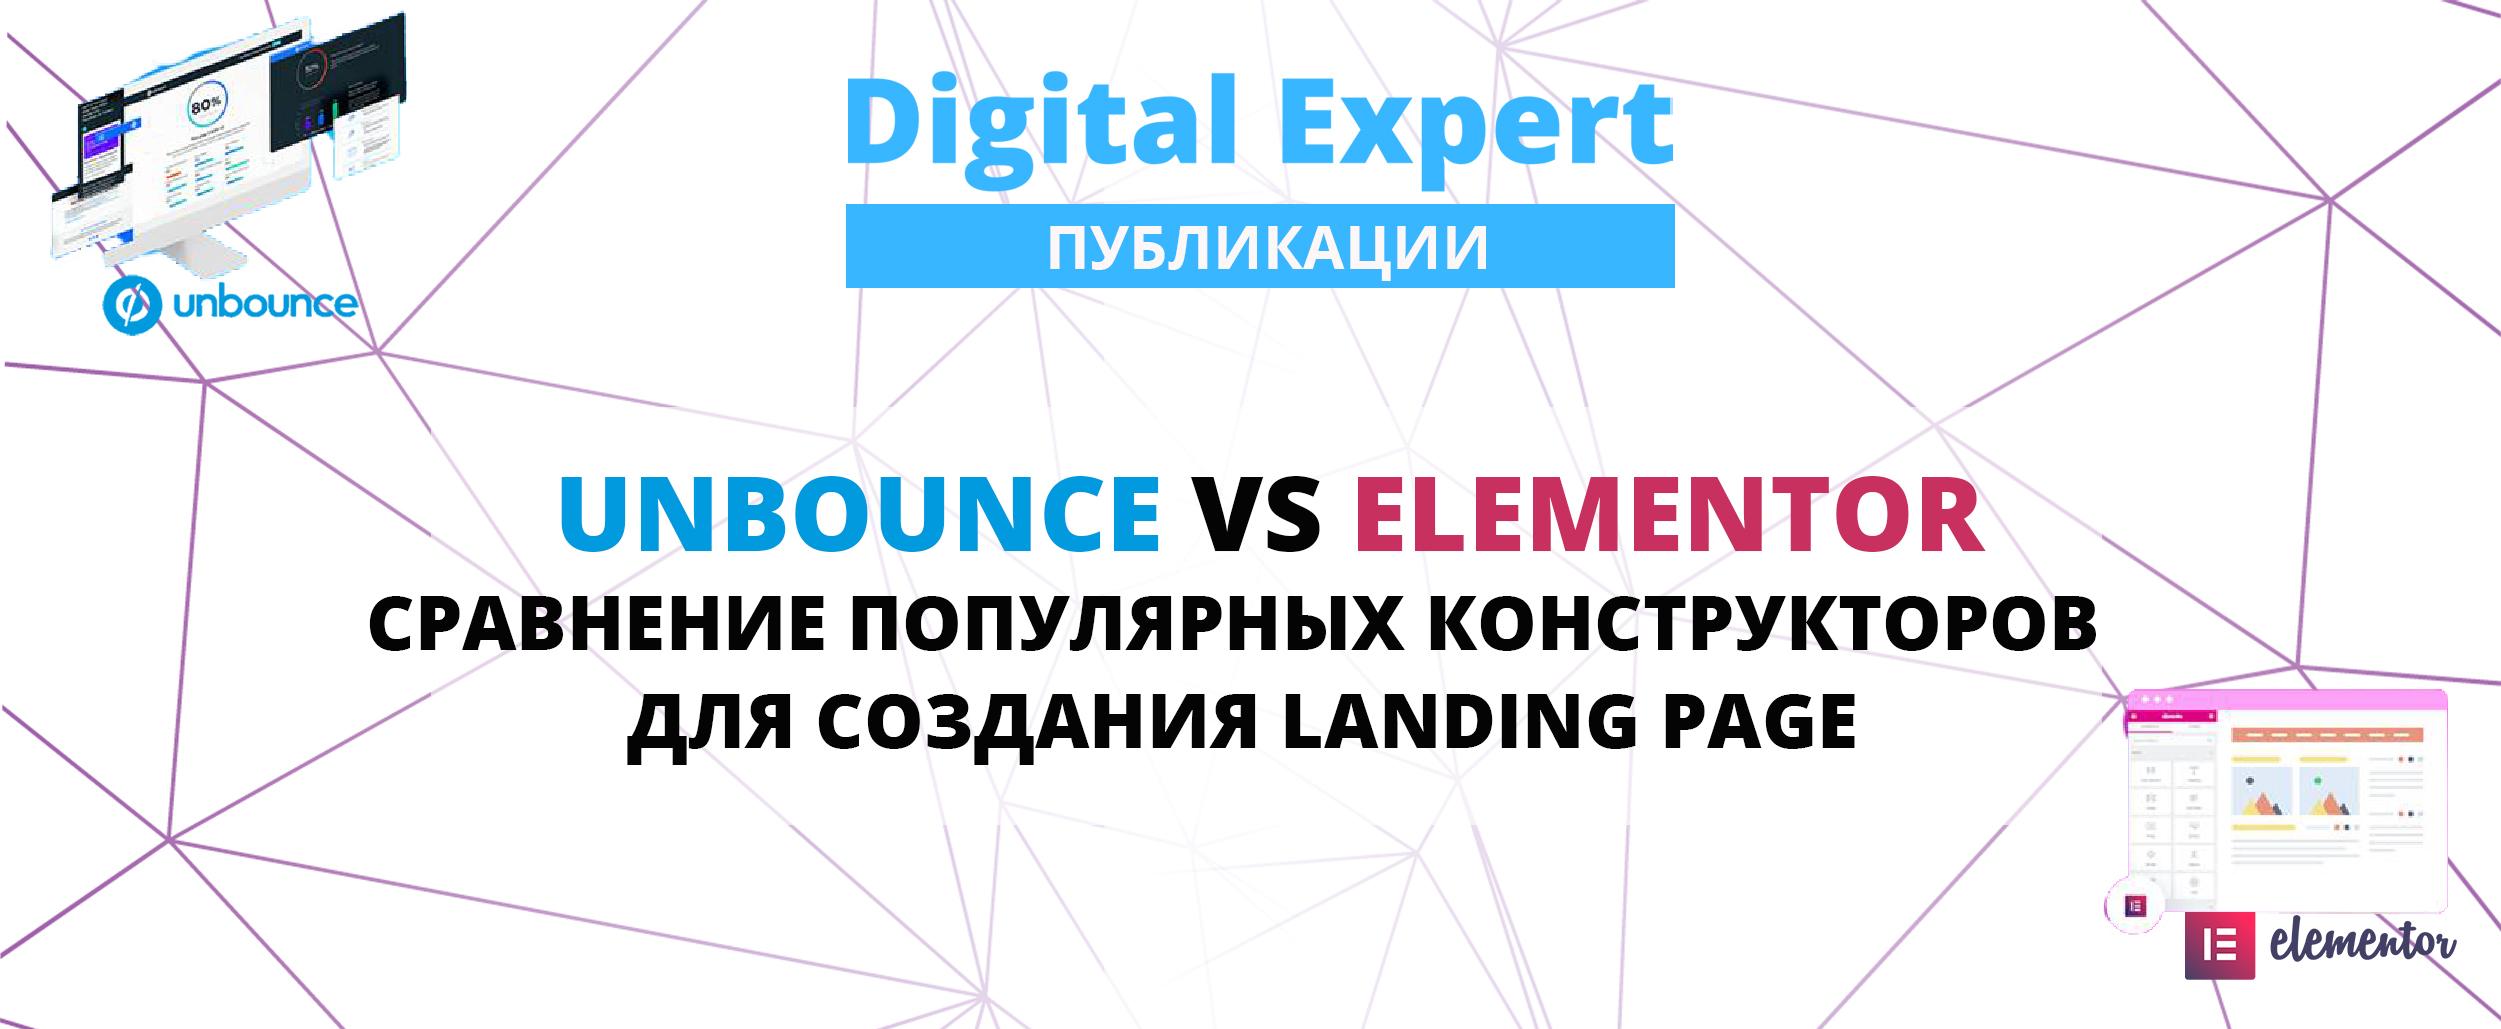 Unbounce Vs Elementor: особенности, преимущества и цены каждого